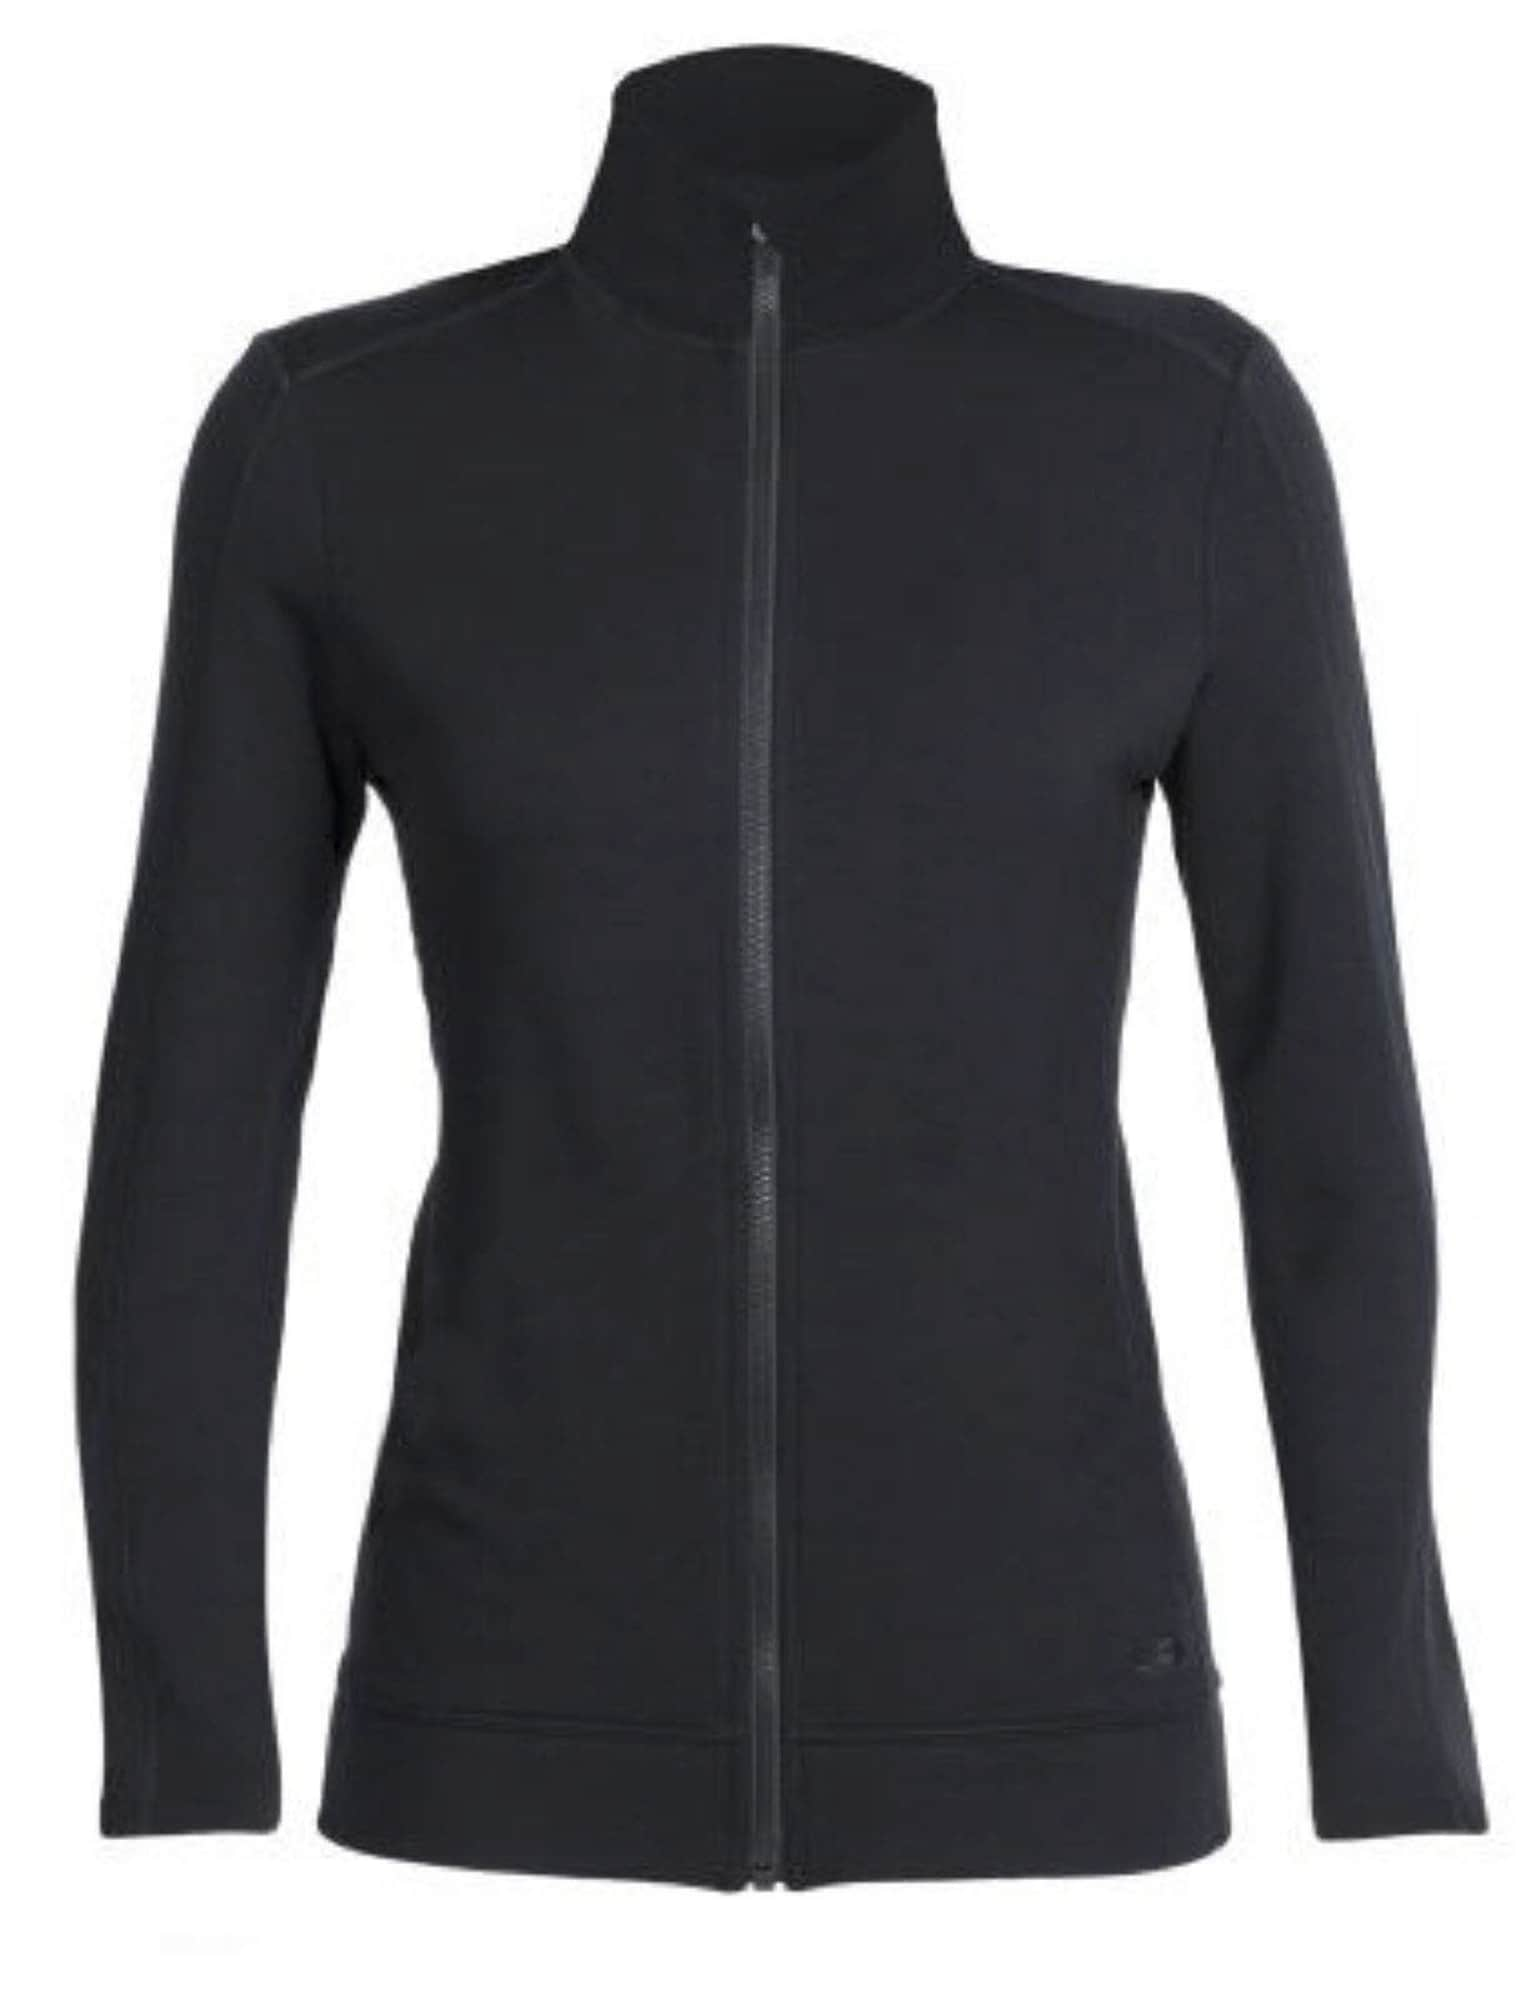 Sweatshirt 'Dia LS Zip'   Bekleidung > Sweatshirts & -jacken > Sweatshirts   Icebreaker